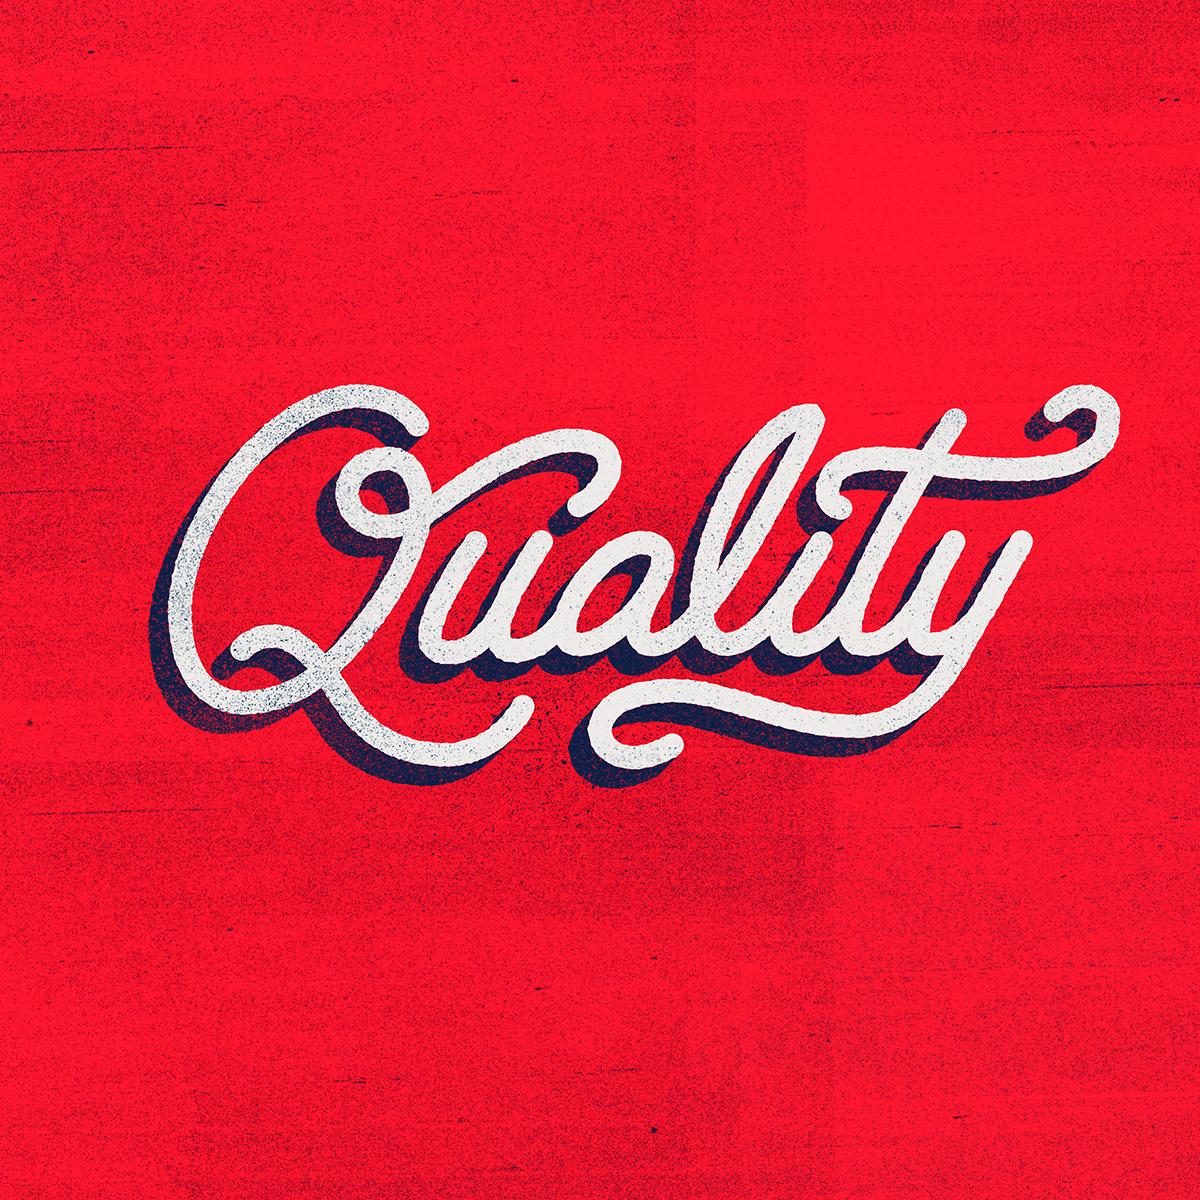 Quality LG.jpg